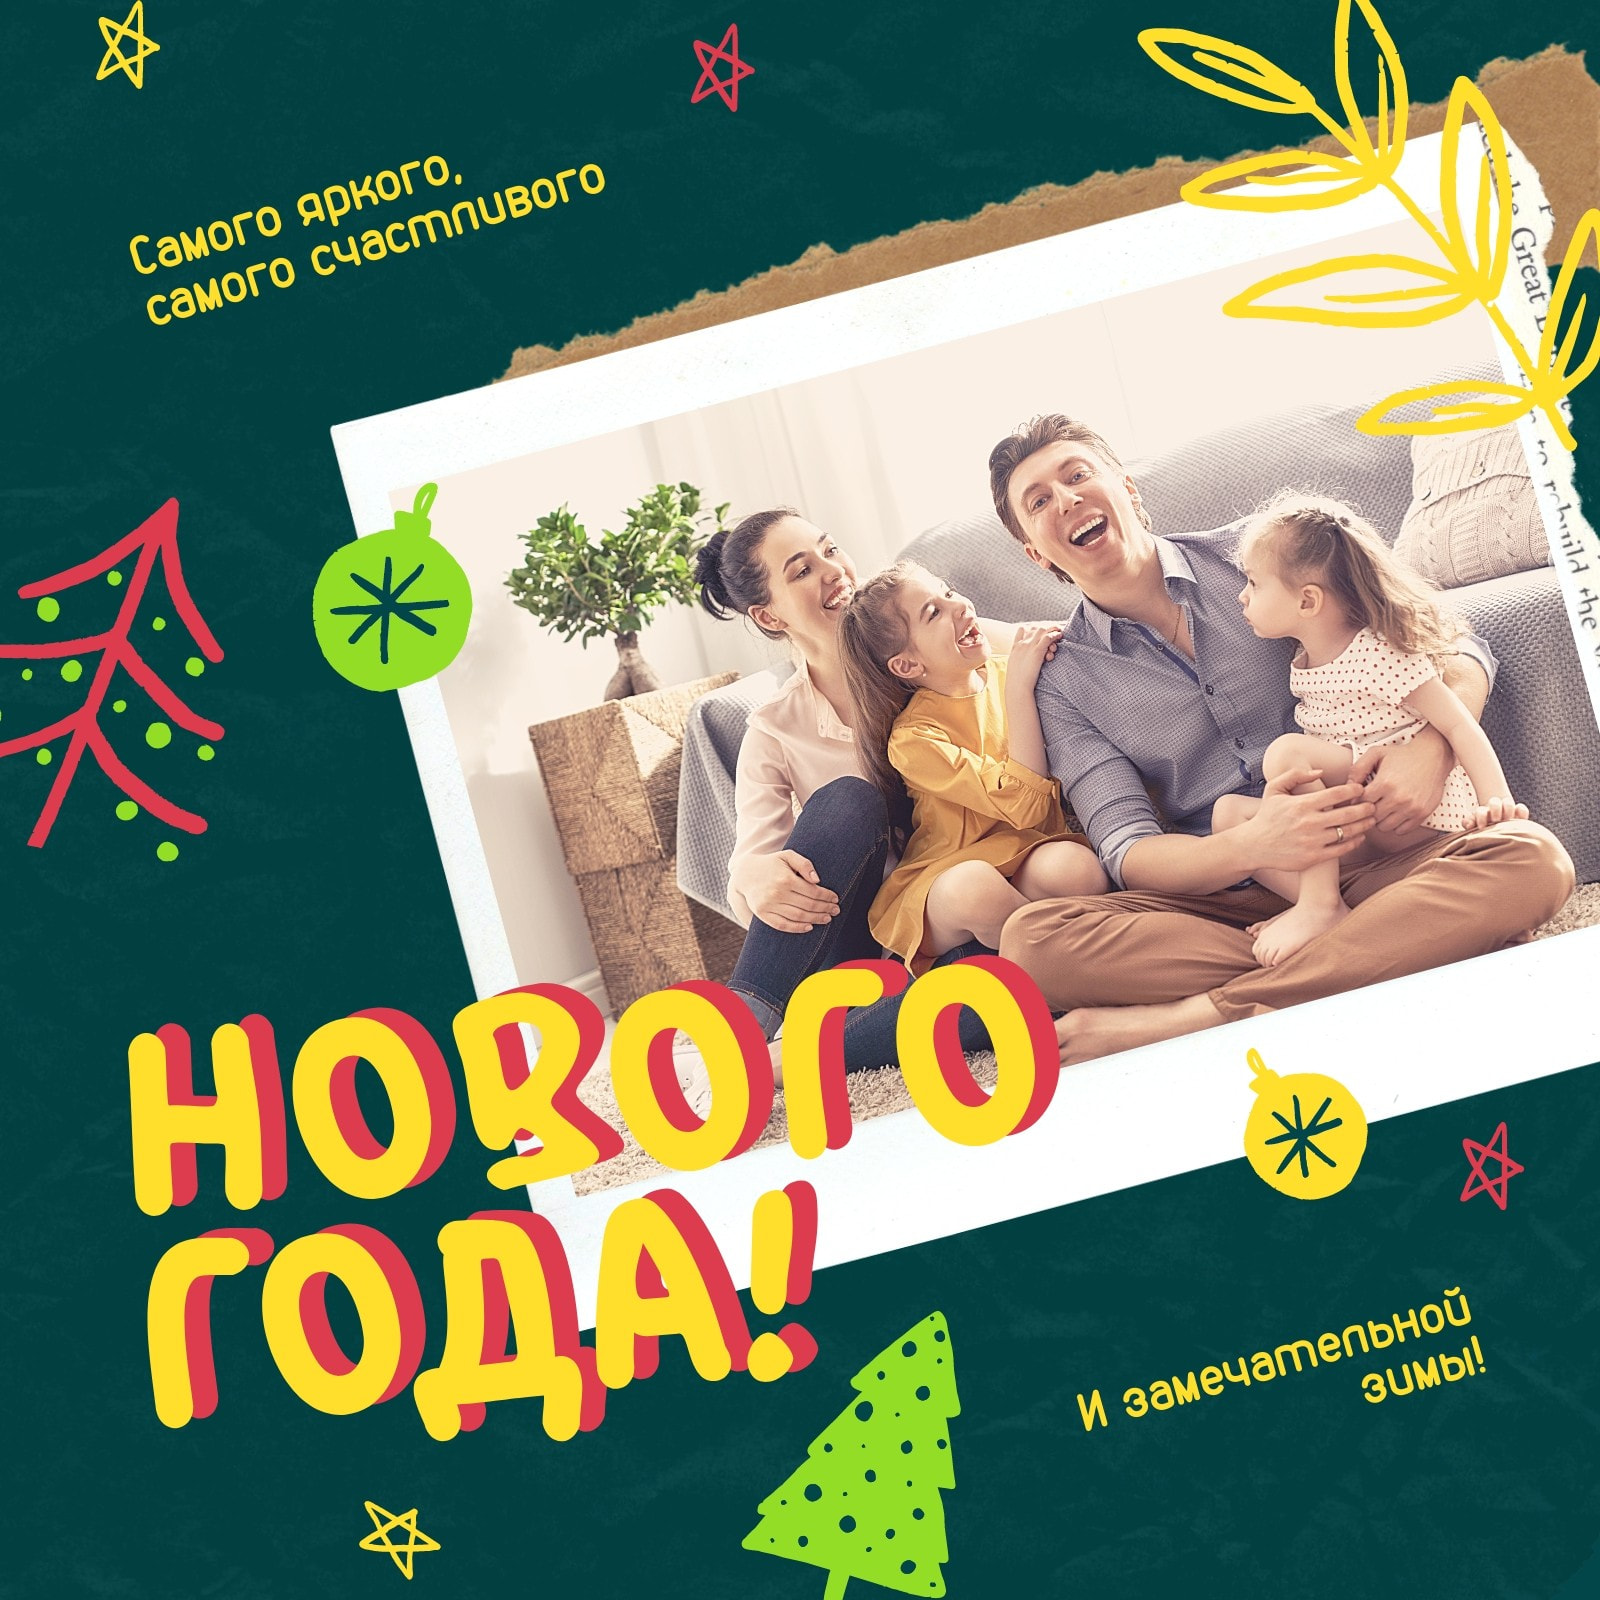 Зеленая новогодняя публикация в Instagram с фотографией семьи